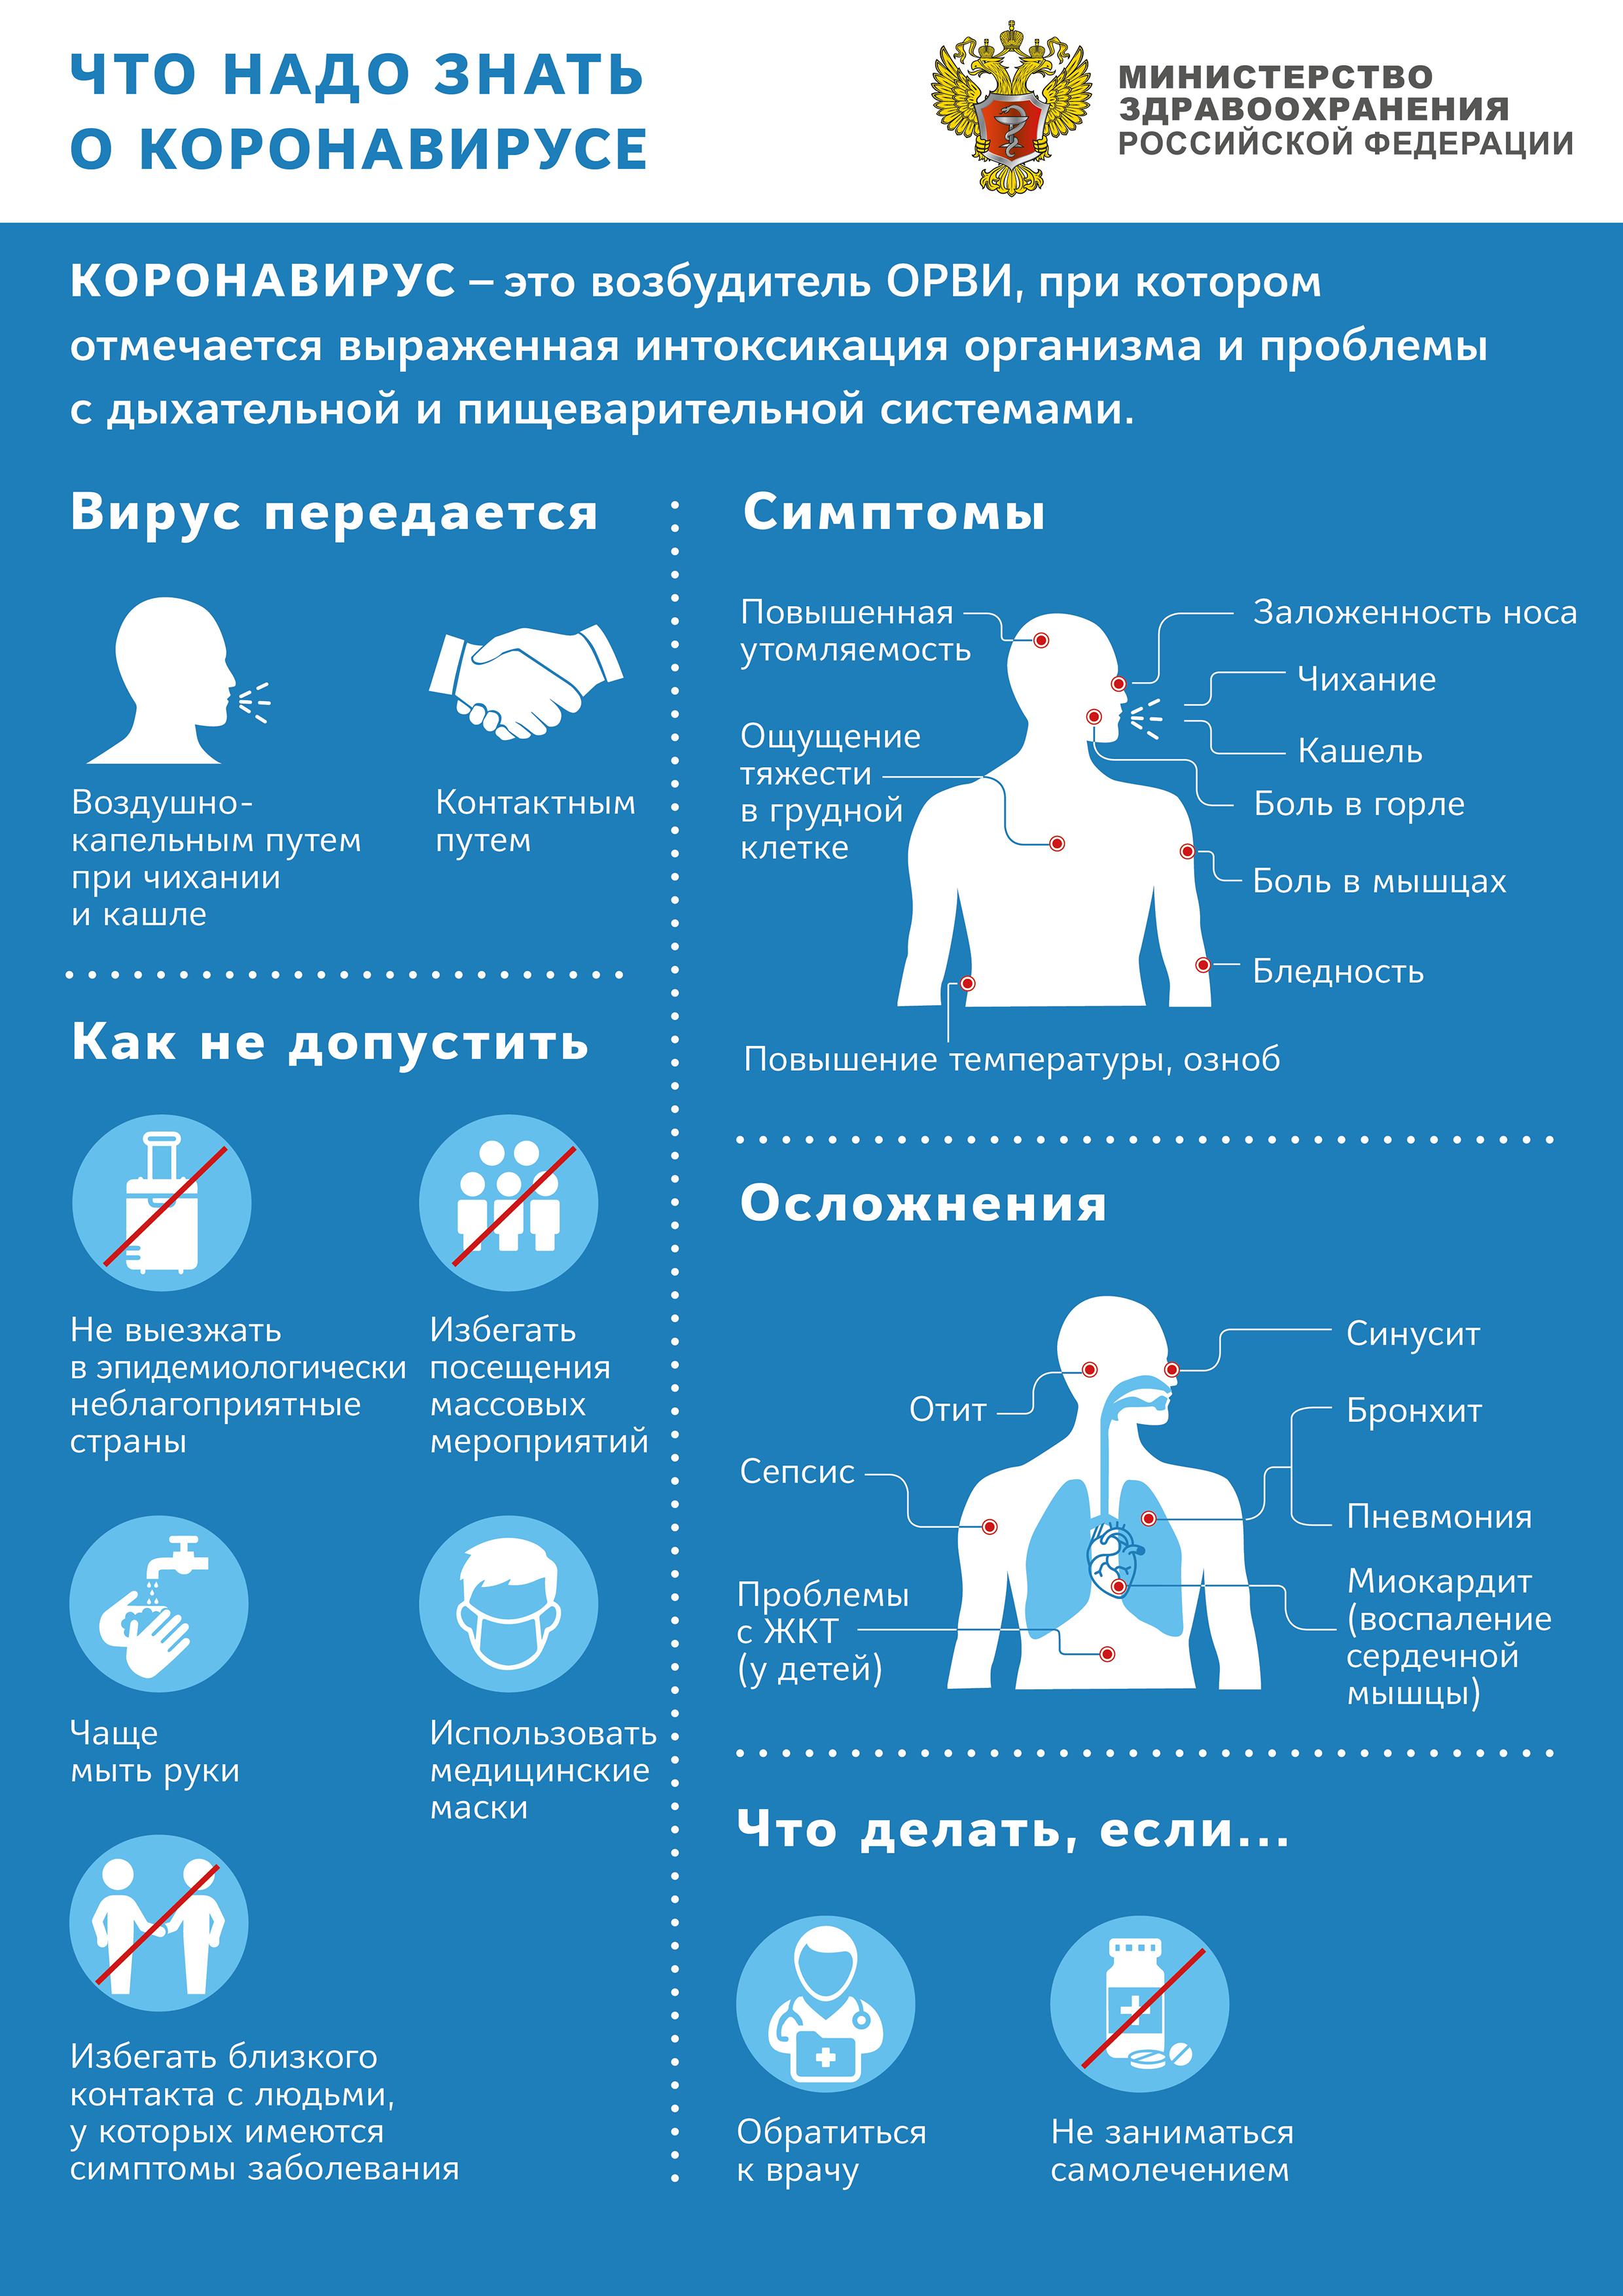 Средства защиты от коронавируса: что убивает коронавирус?